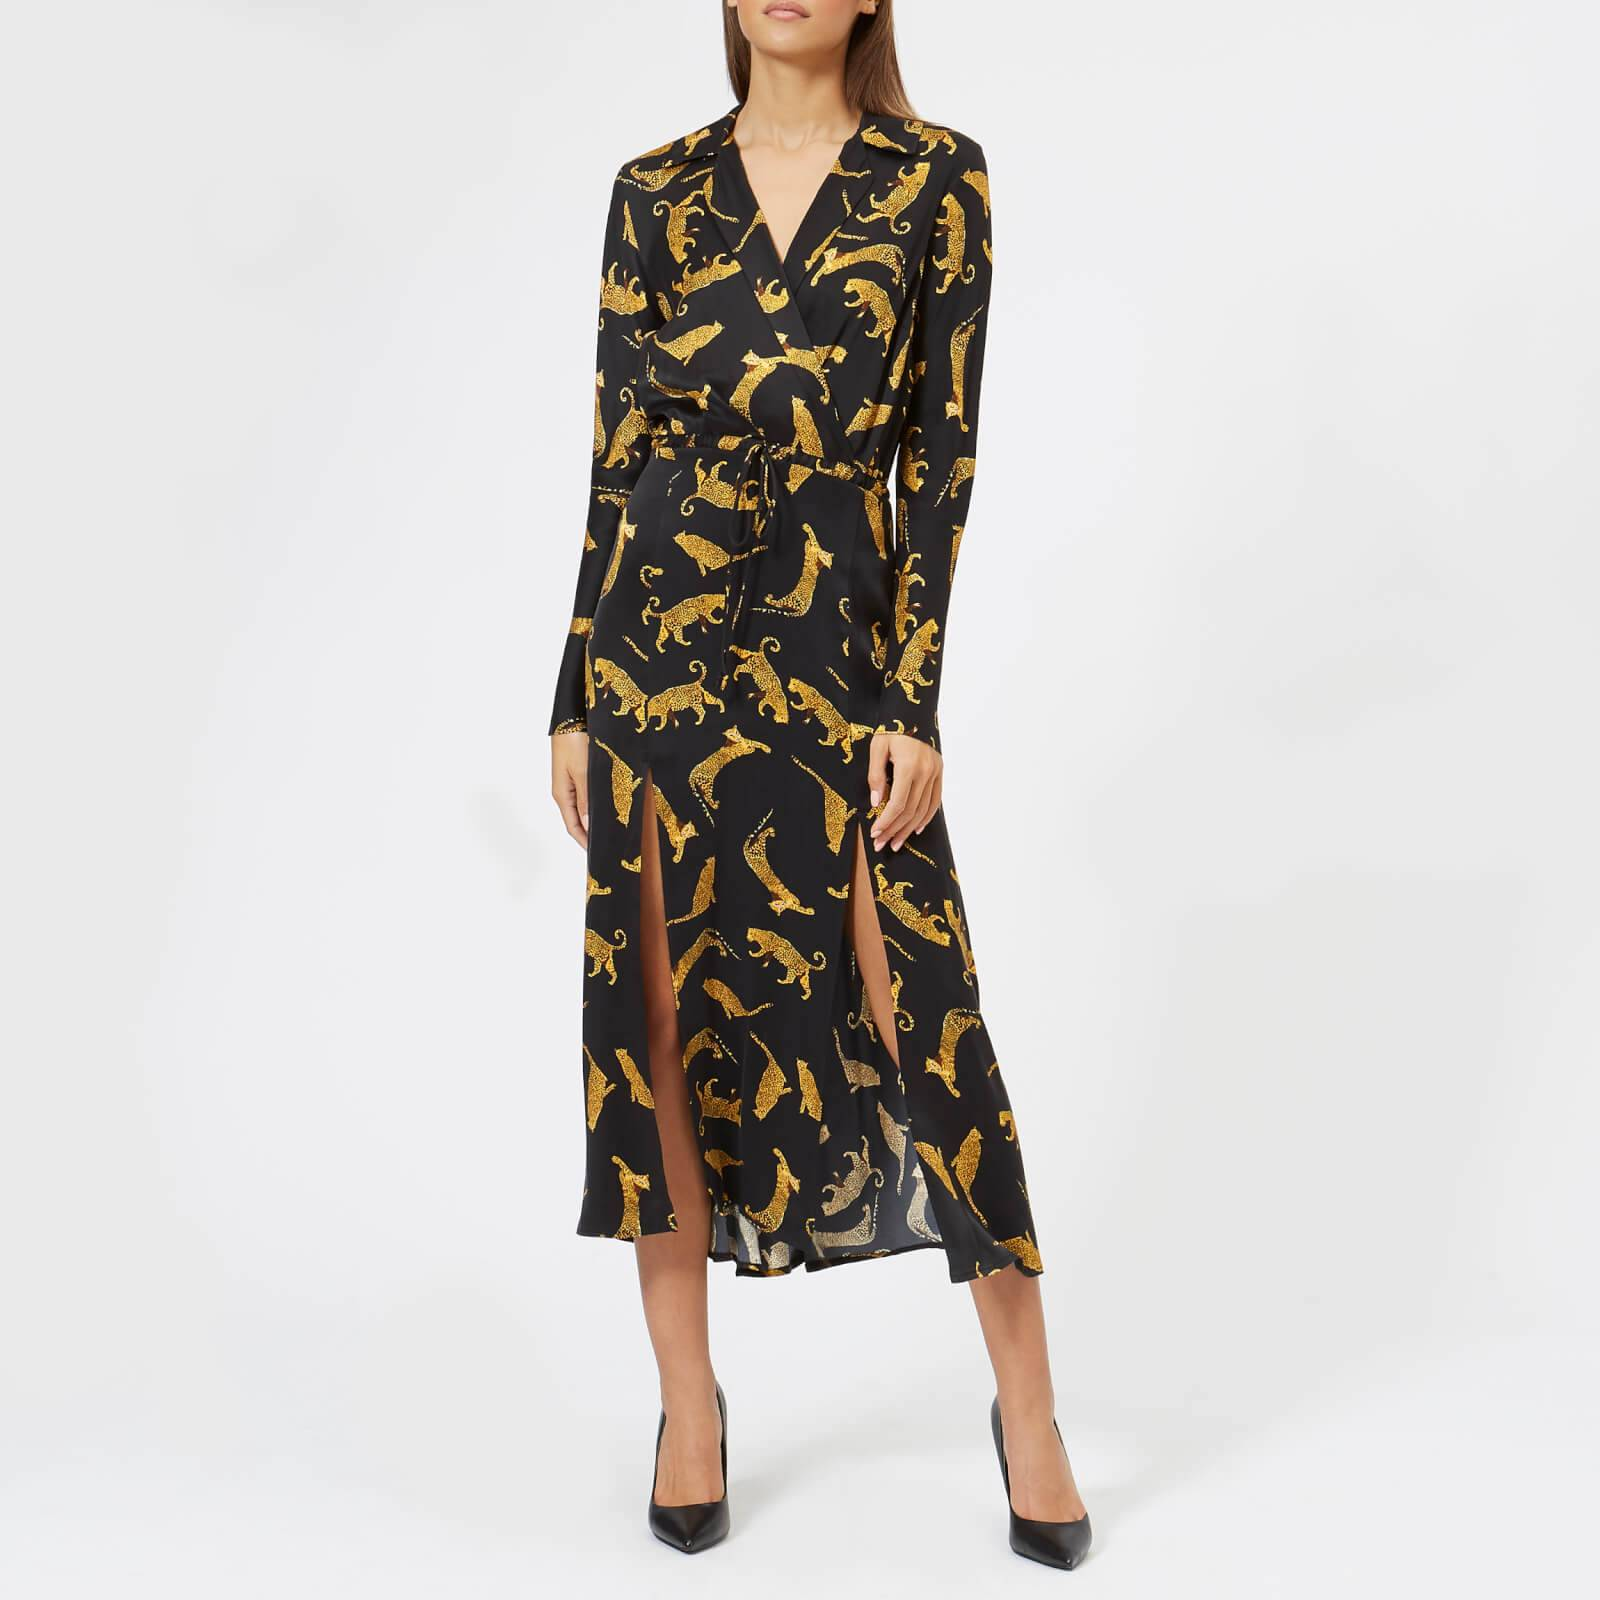 Bec & Bridge Women's Conga Beat Long Sleeve Dress - Cheetah - UK 6 - Multi